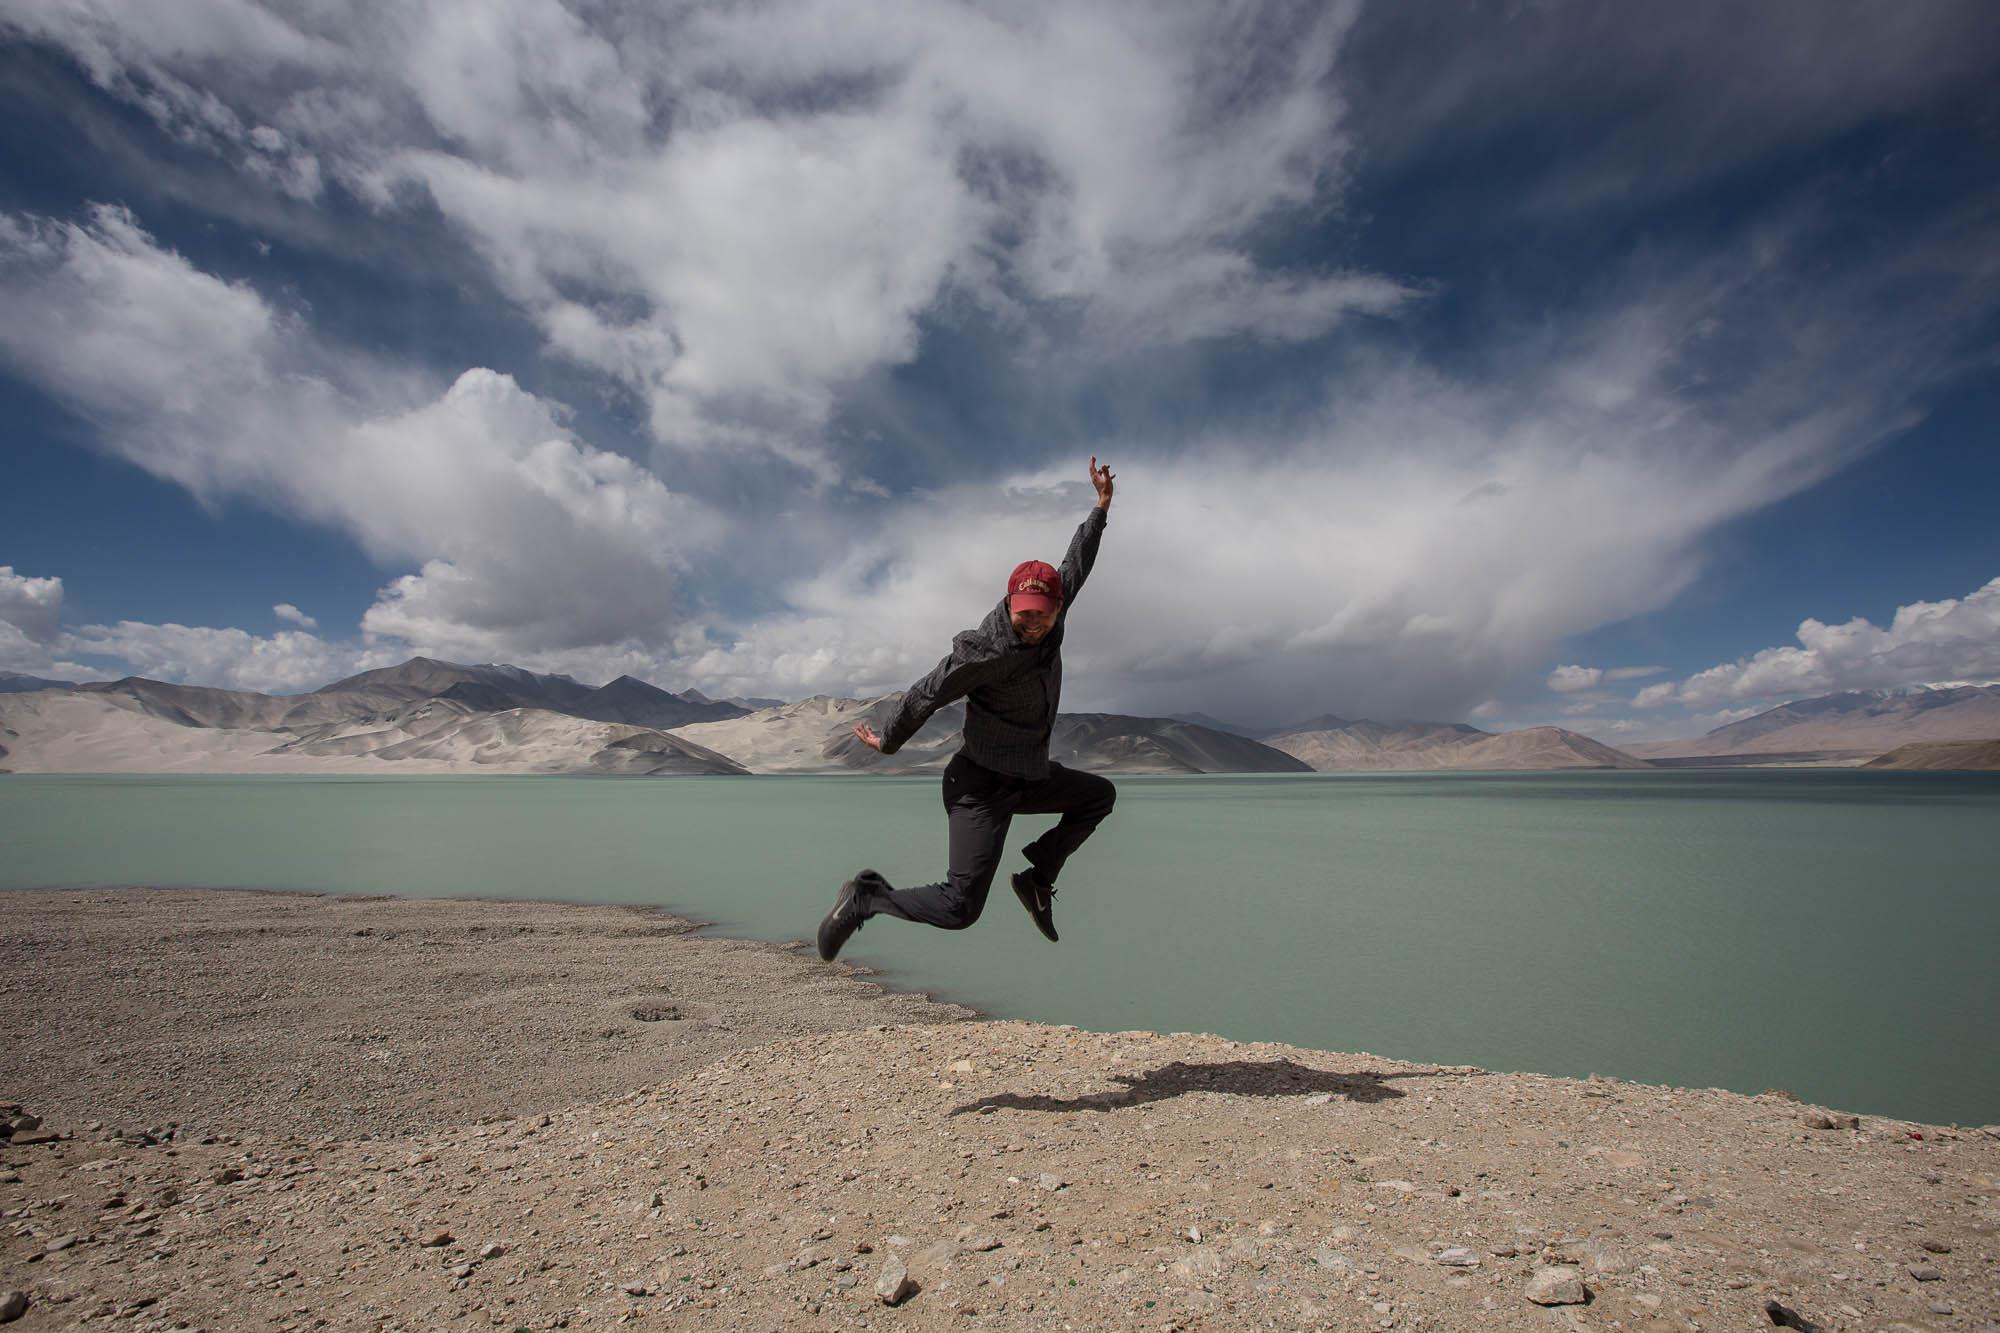 lake jump Dario